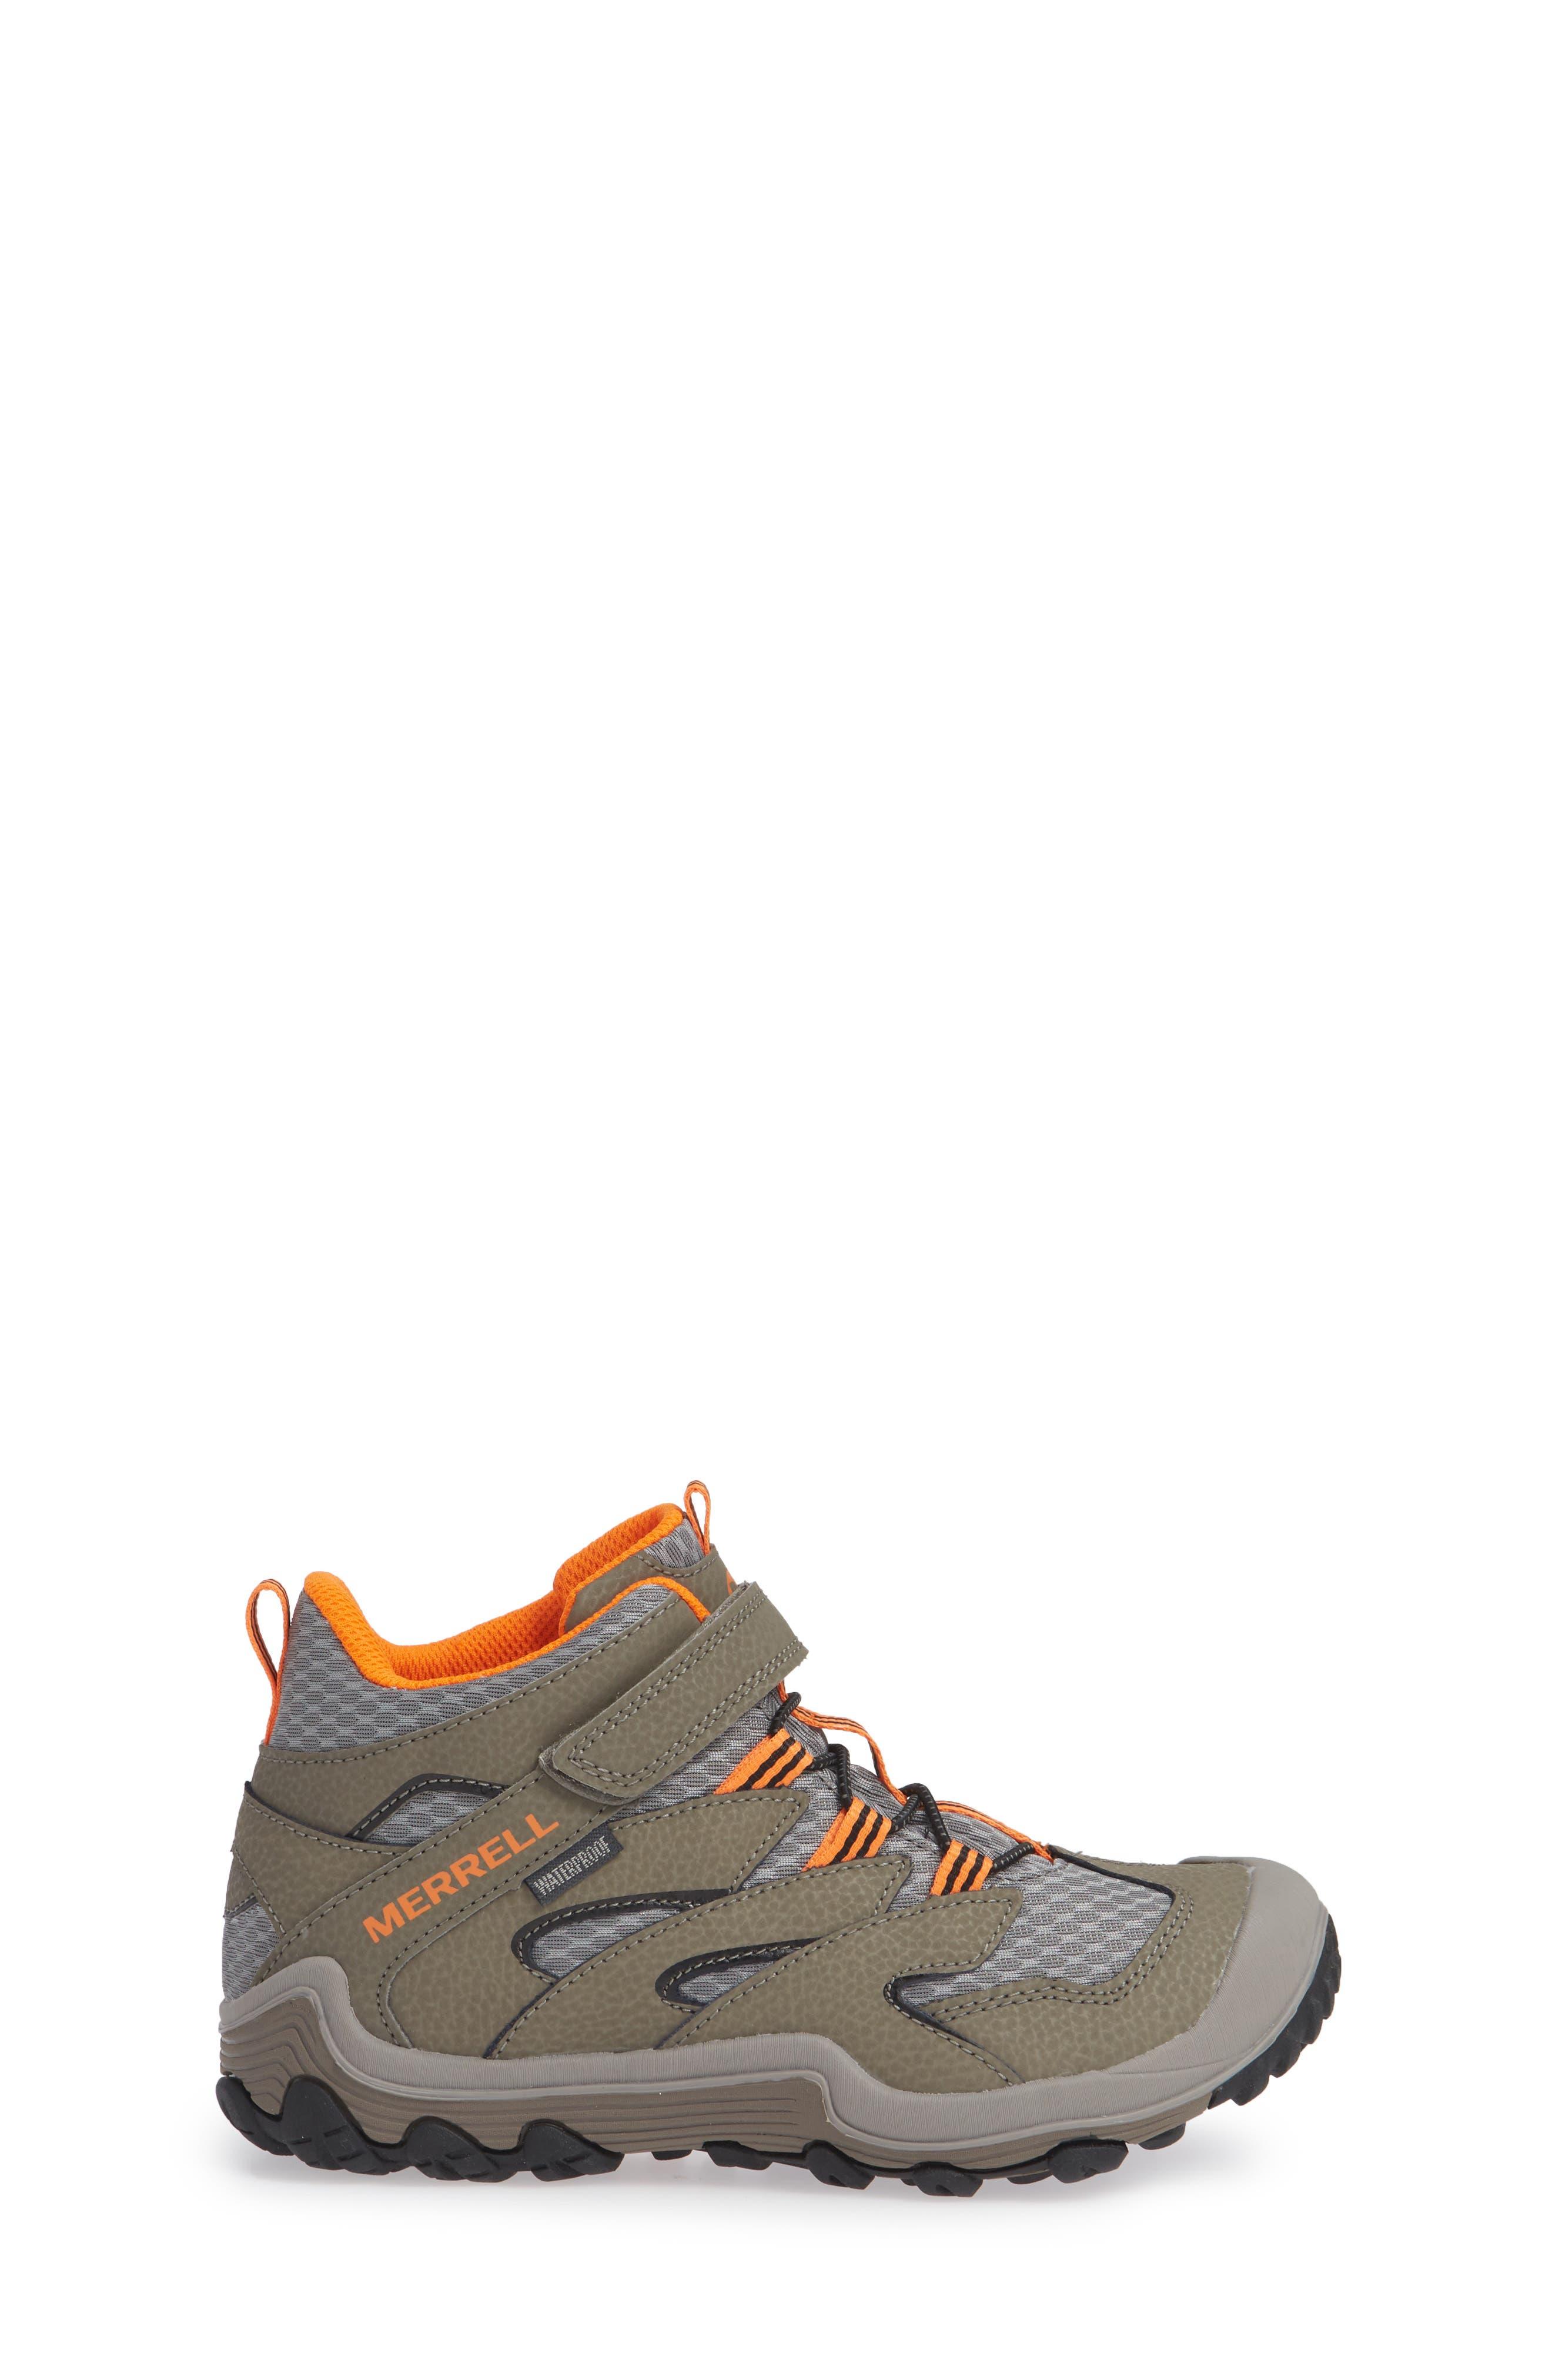 Chameleon 7 Mid Waterproof Boot,                             Alternate thumbnail 3, color,                             GUNSMOKE